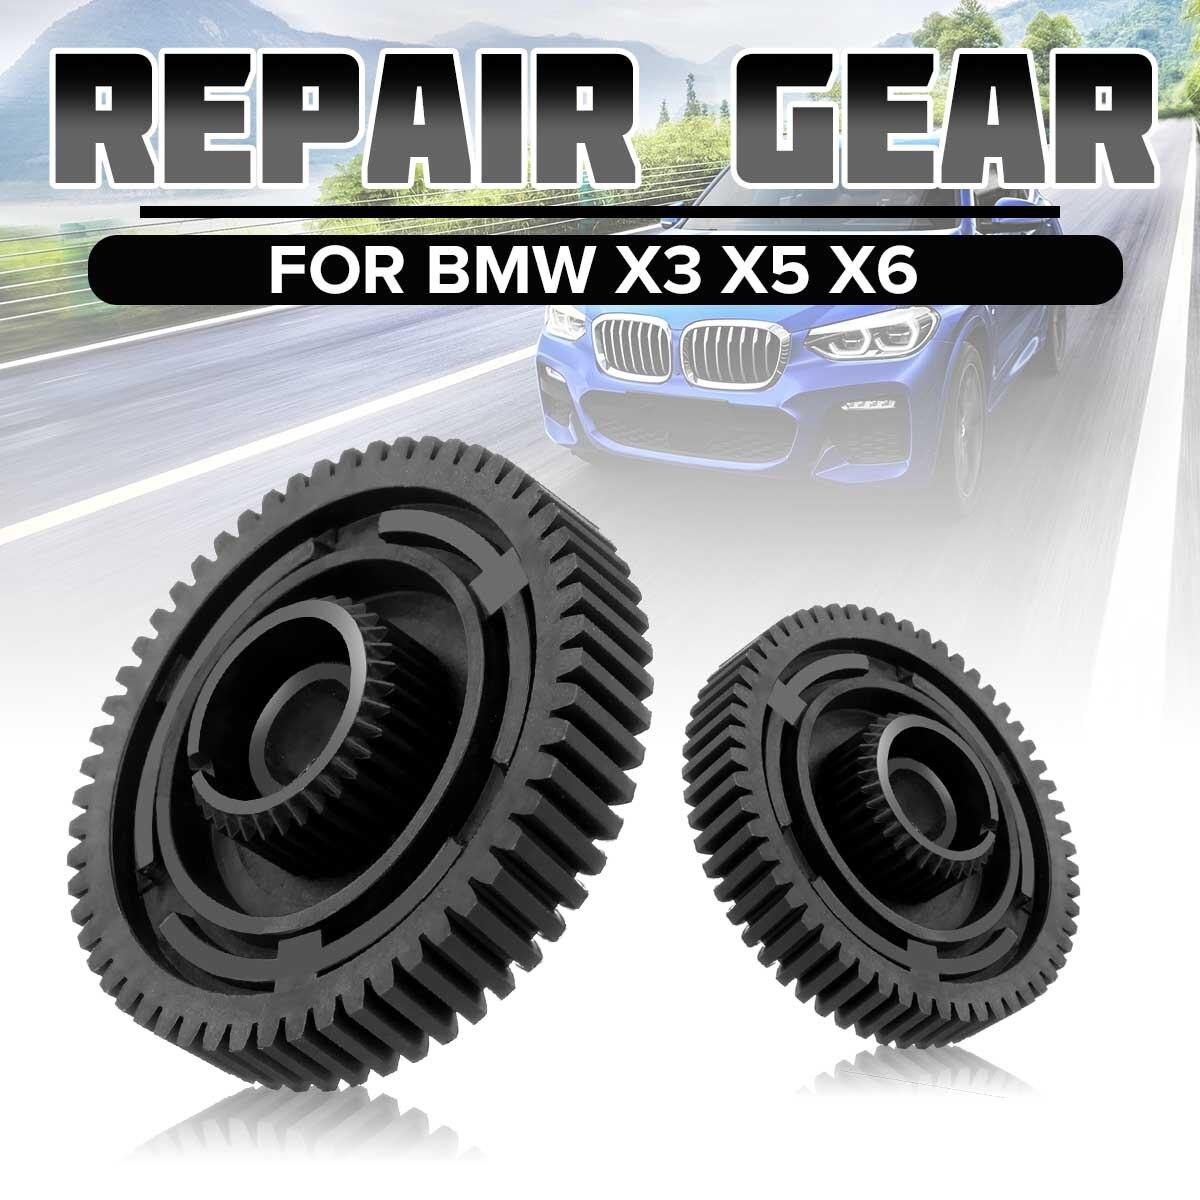 Горячее предложение, новый автомобильный корпус для передачи, привод для ремонта двигателя, коробка передач, сервопривод для BMW X3 X5 X6 E83 E53 E70 ...